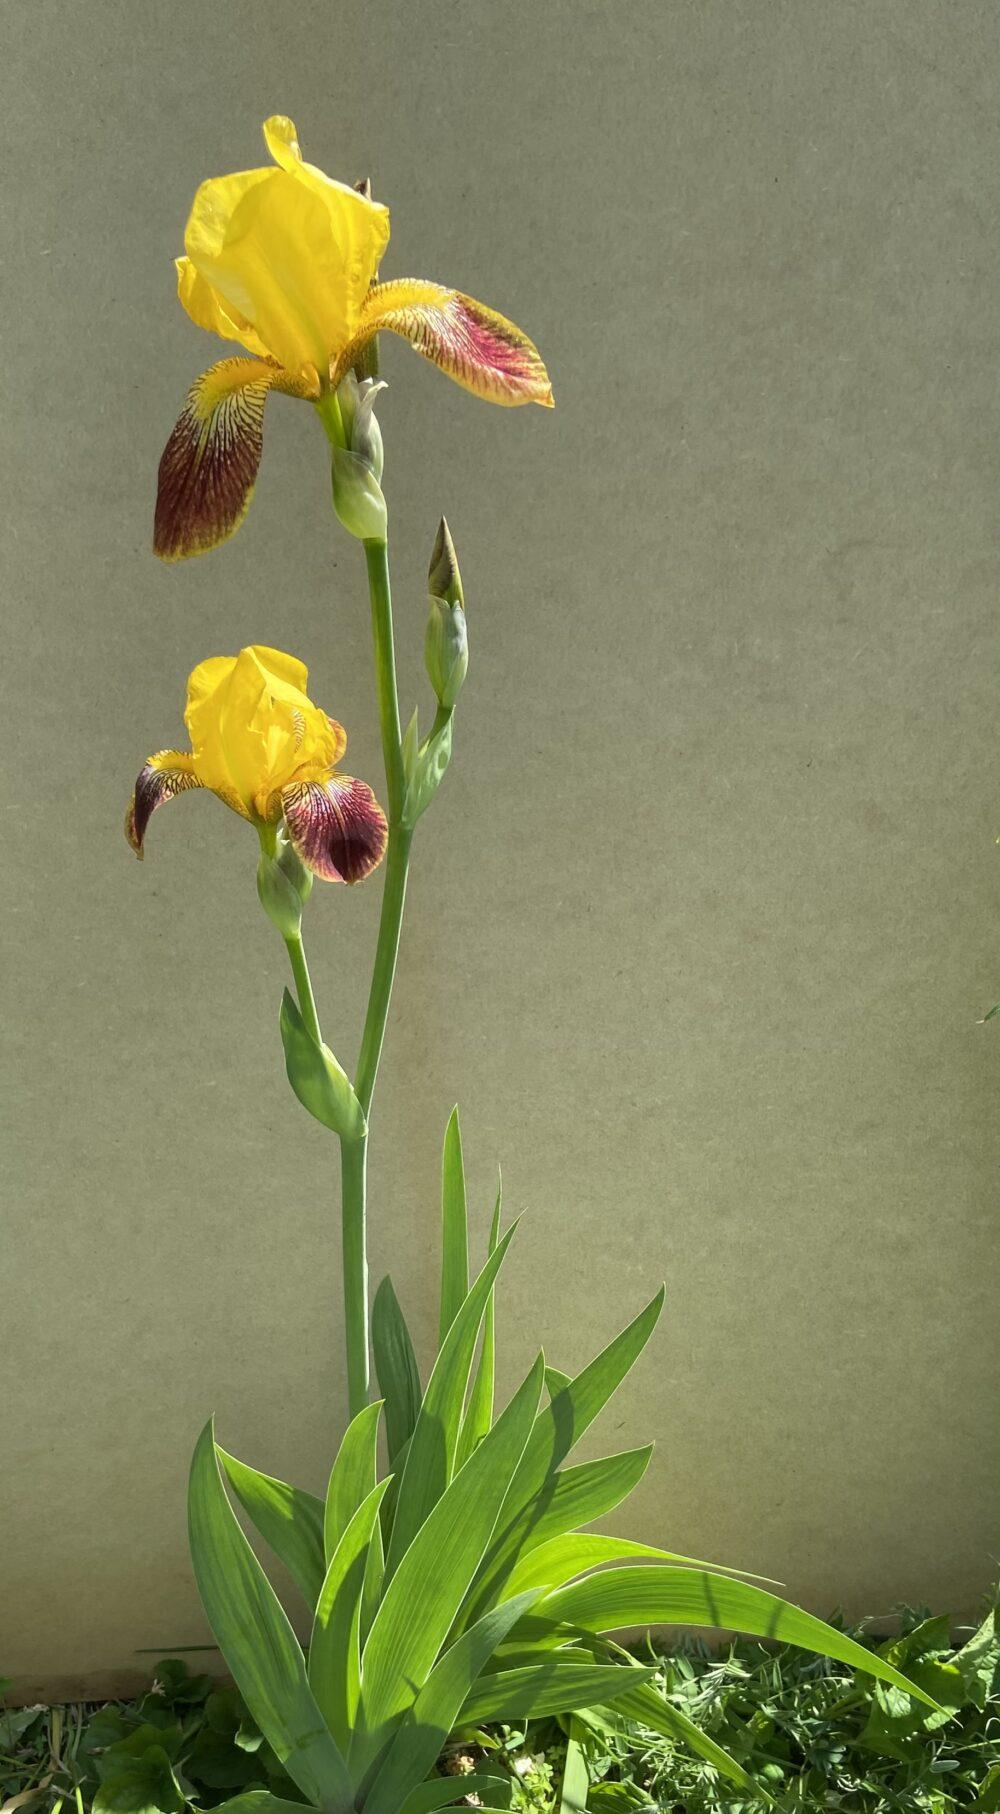 B.10.3 Yellow iris